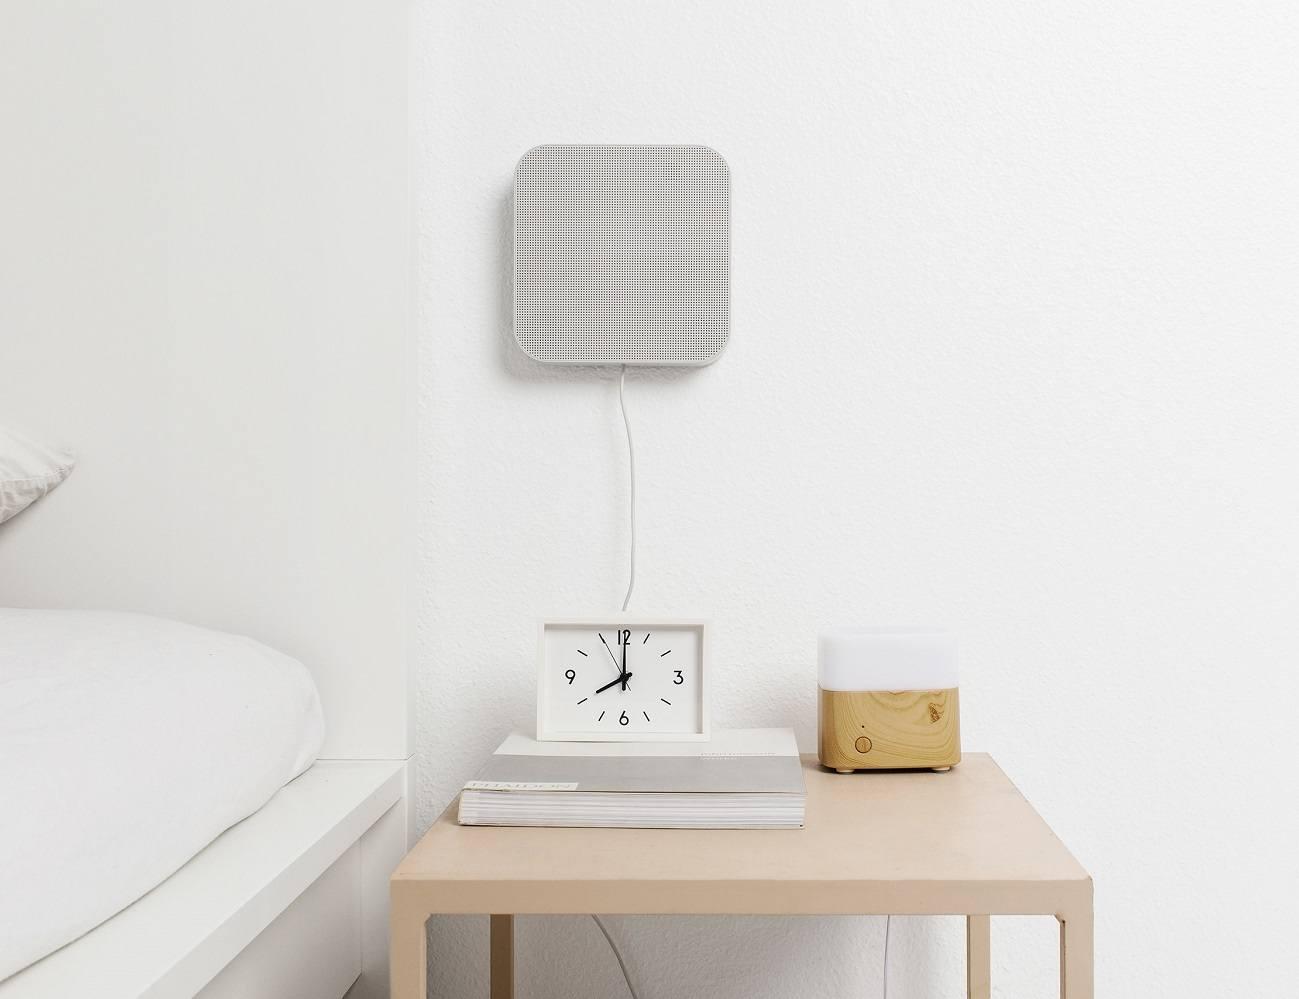 Muji Bluetooth Wall Speaker